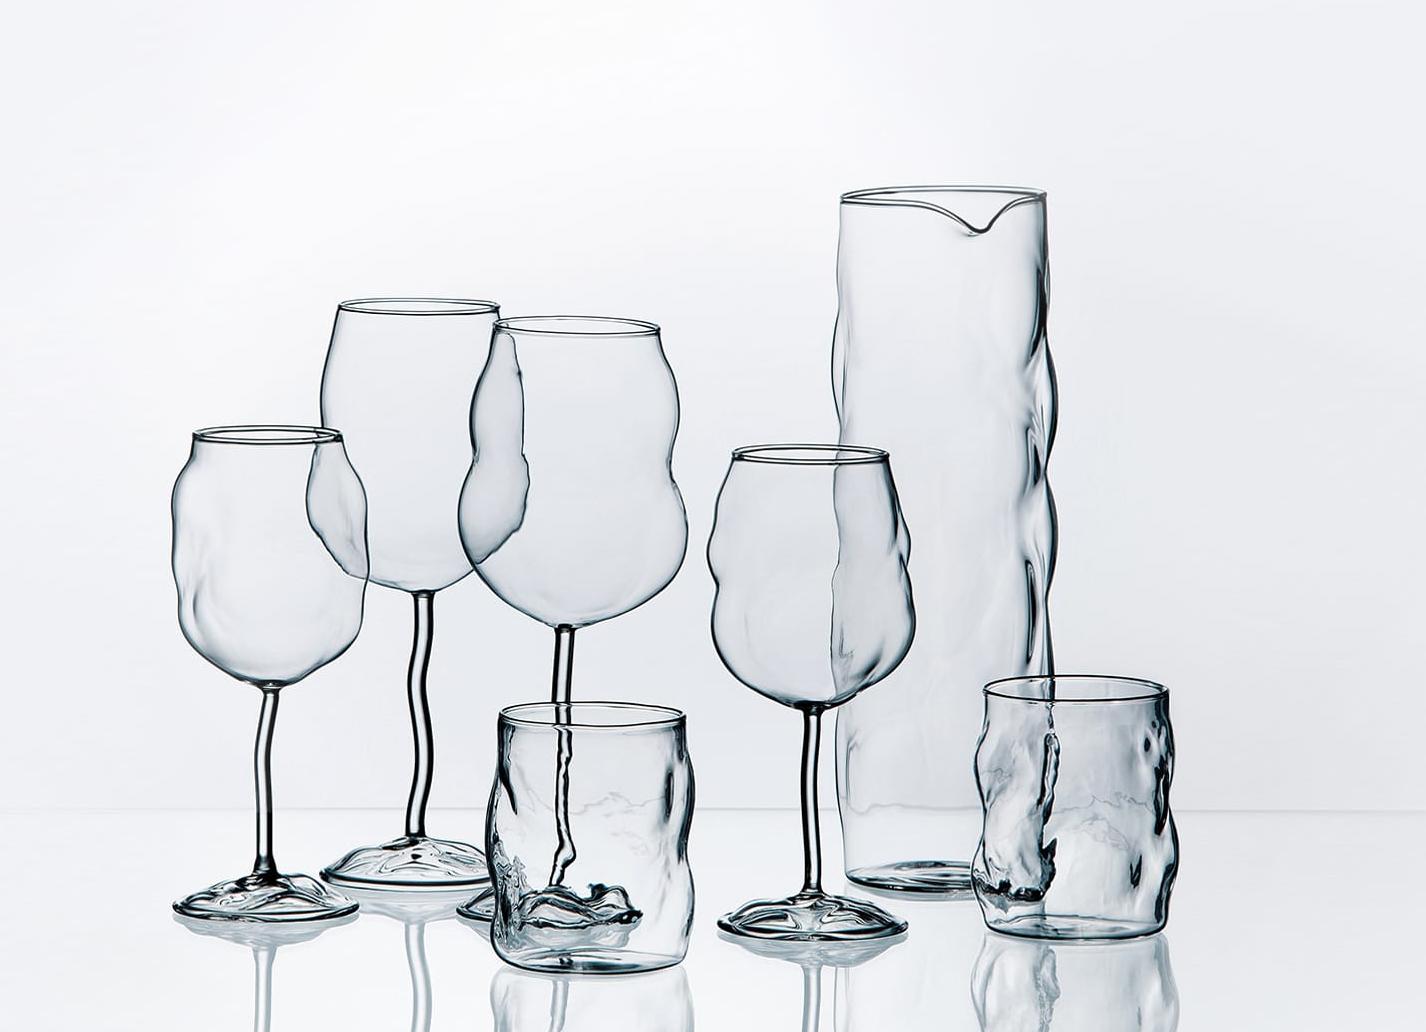 Seletti glass from sonny della pia home 1965 for Bitossi shop on line